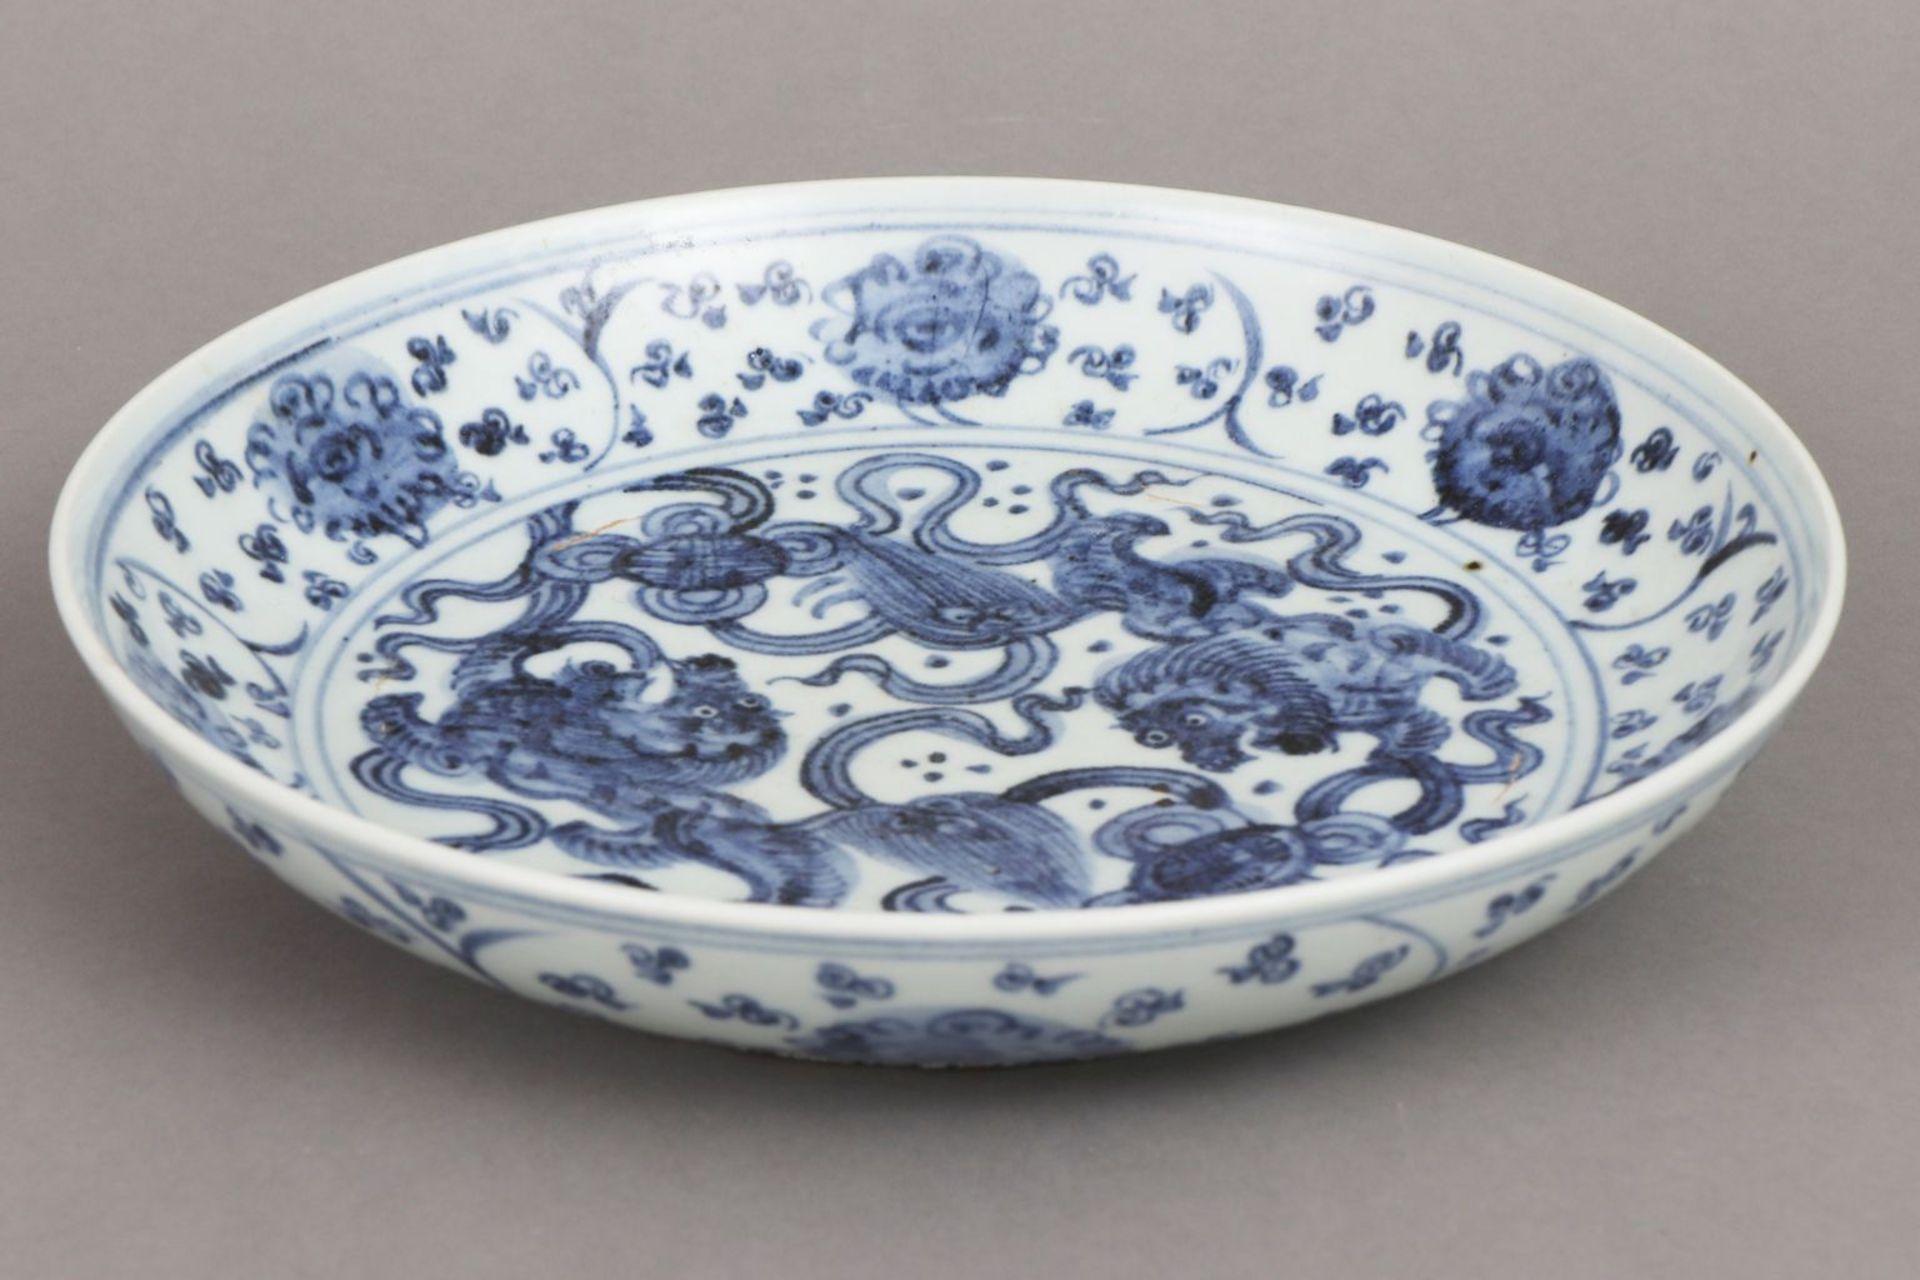 Chinesischer Porzellanteller im Stile Ming